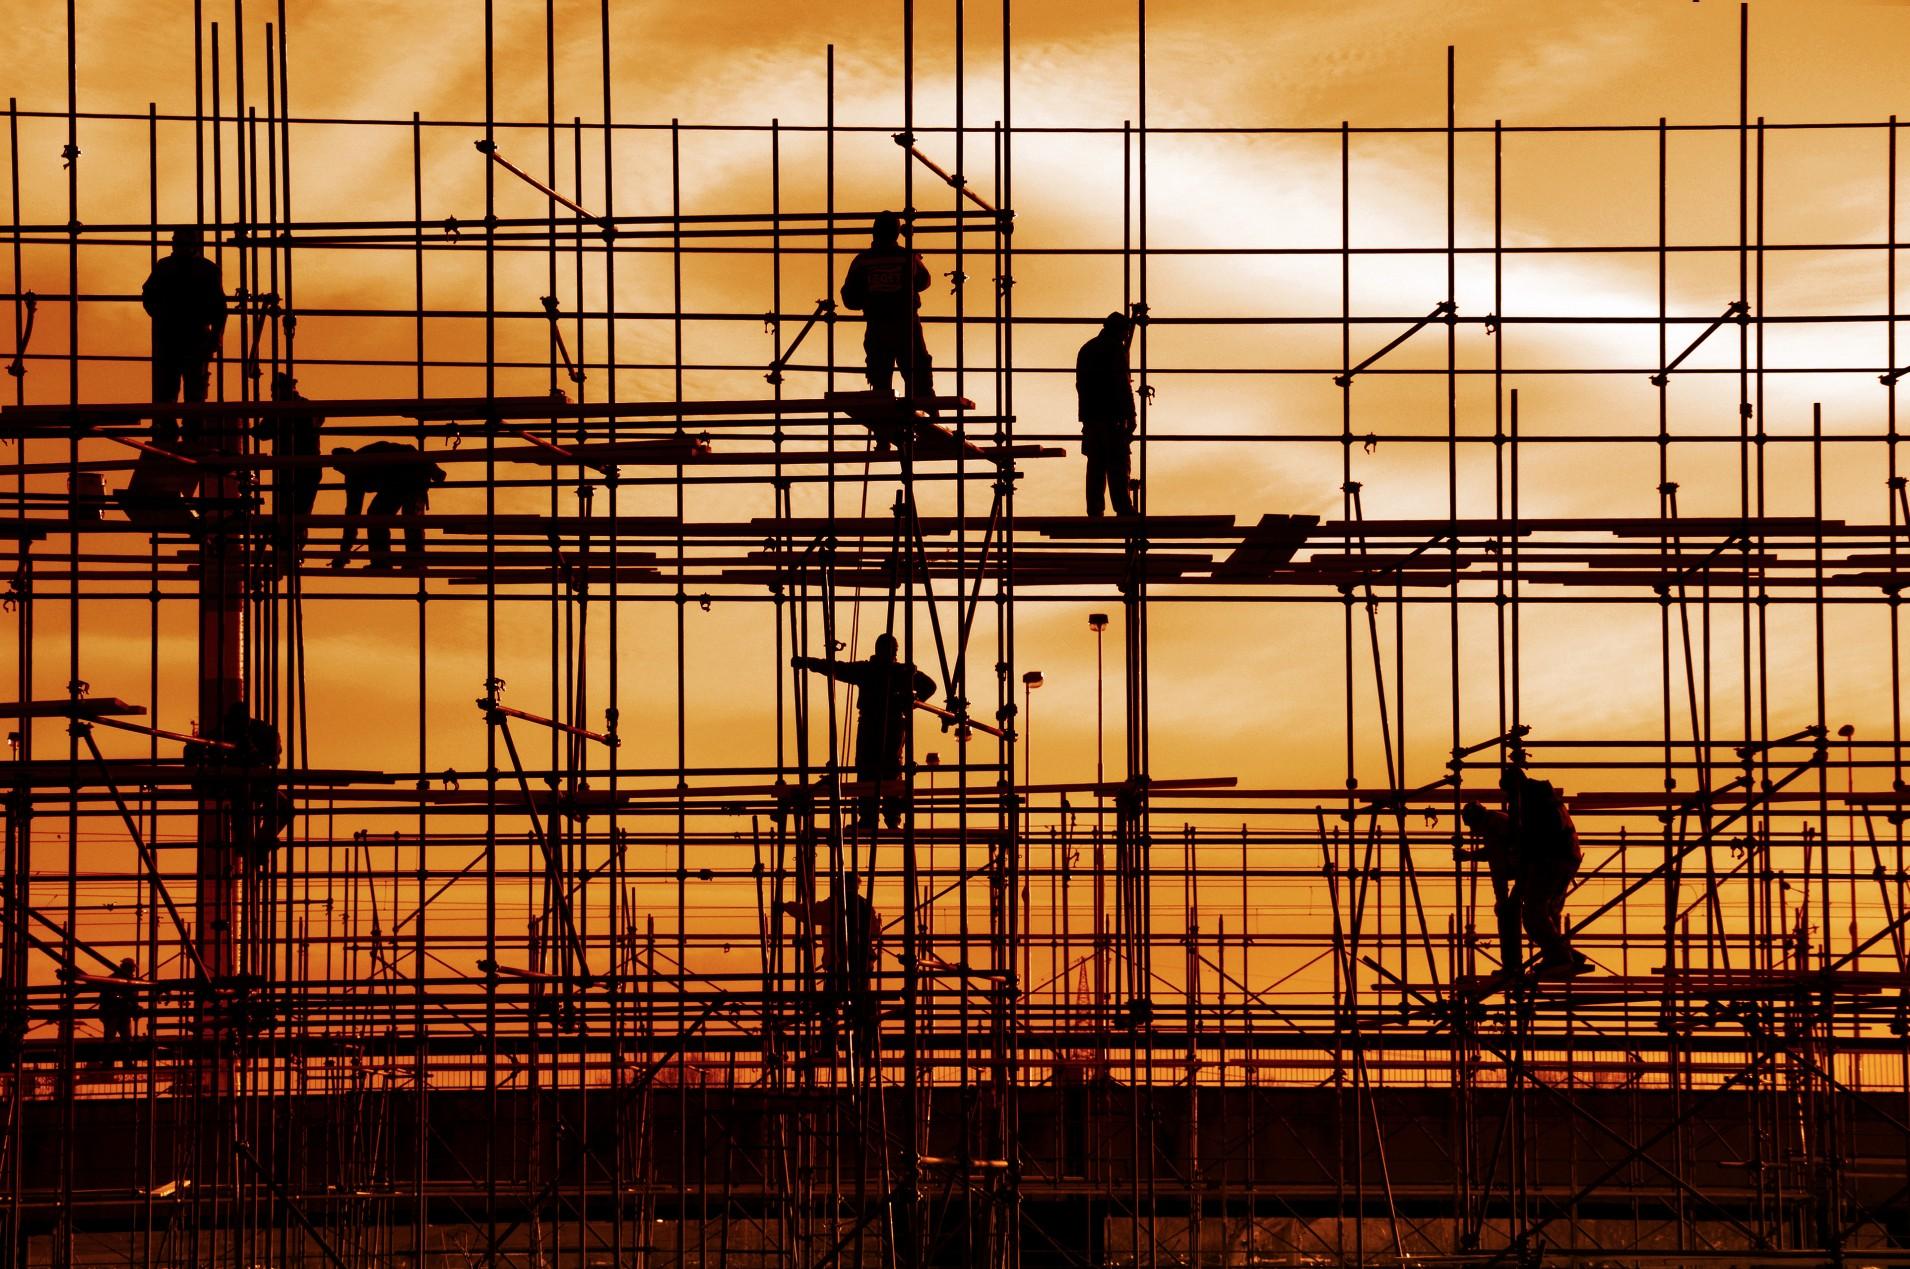 Apeleaza la inchiriere schele metalice pentru constructii sigure si rapid realizate!